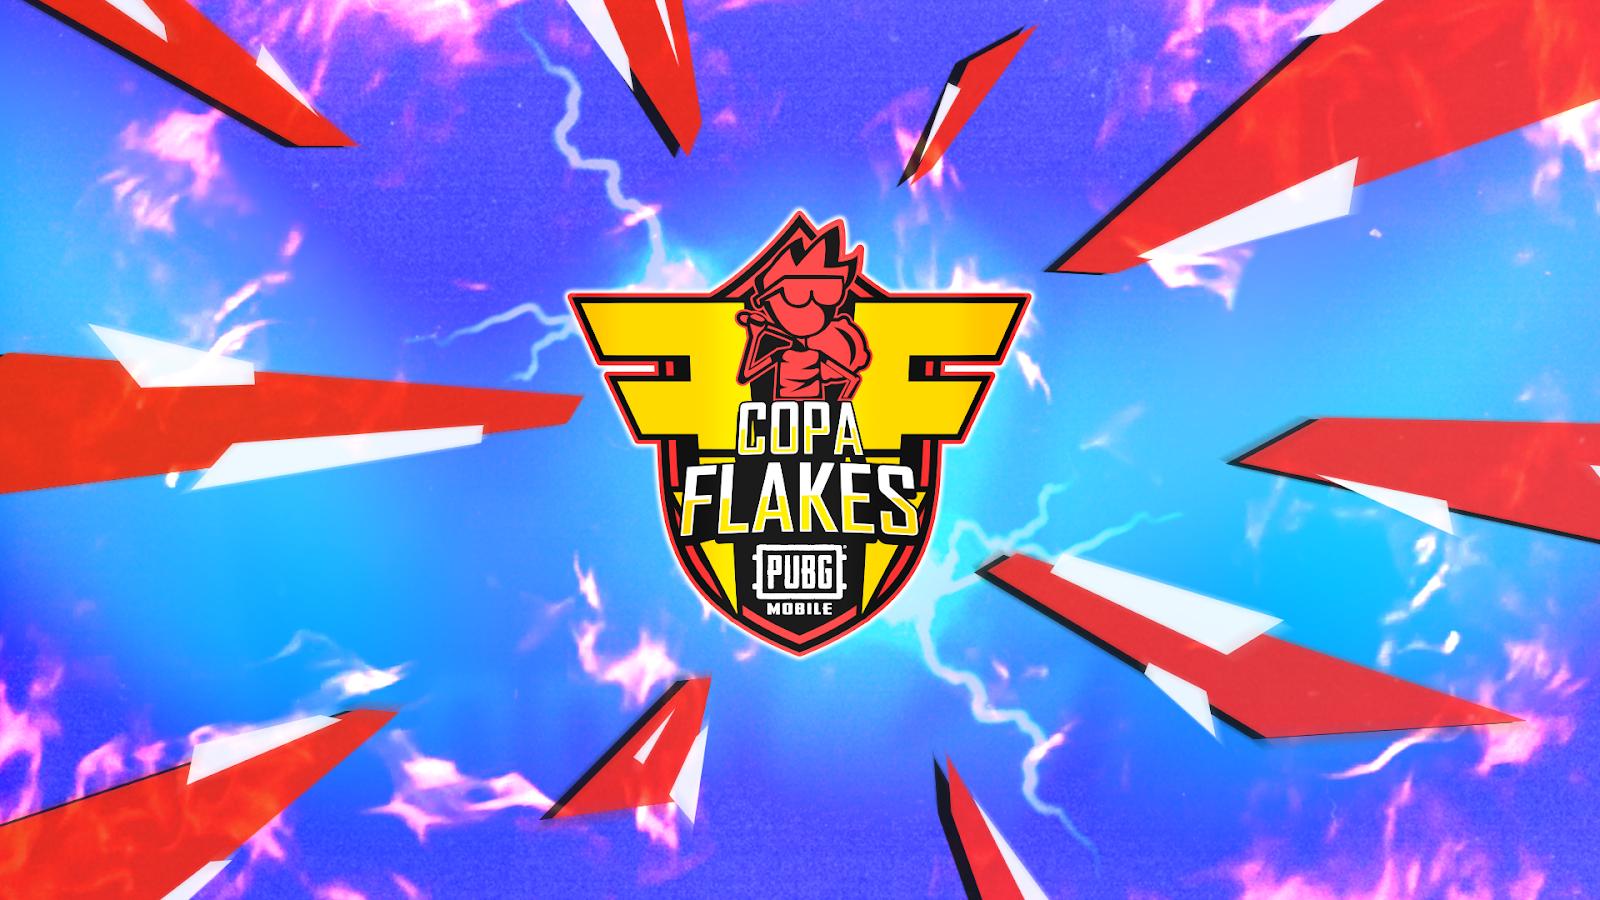 pubg mobile copa flakes